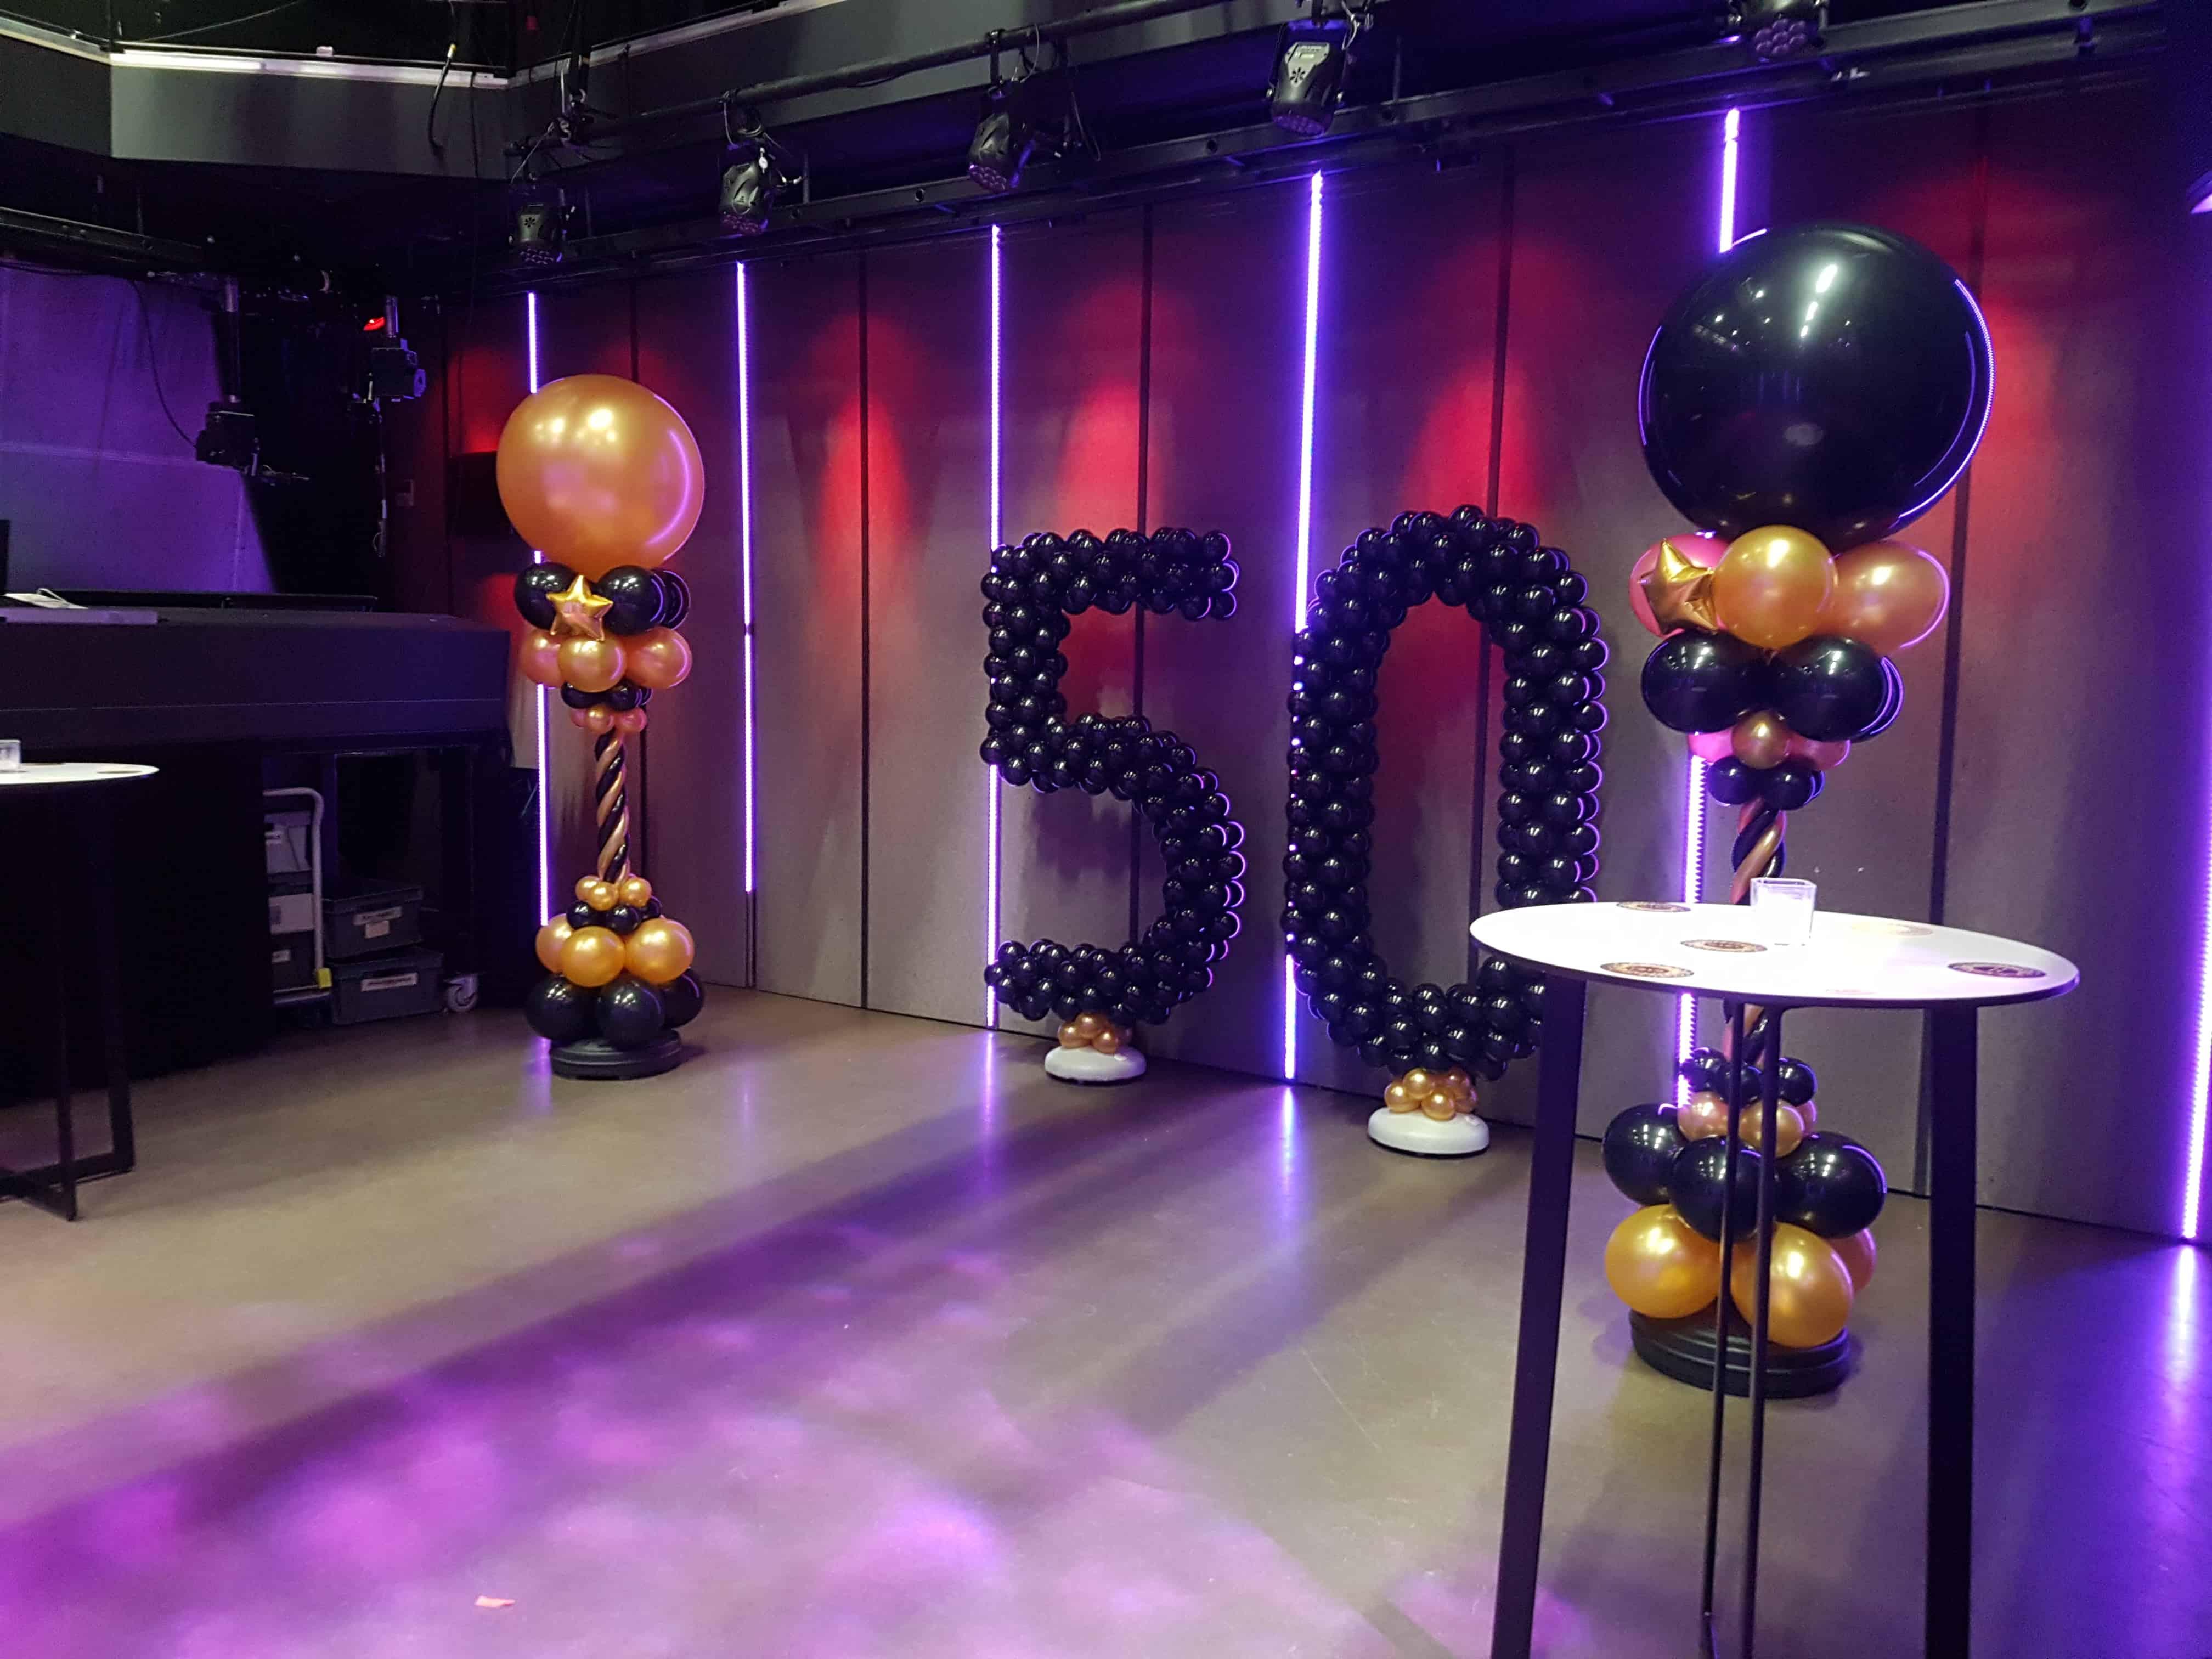 verjaardag-50-jaar-Sarah-ballonpilaar-cijfer